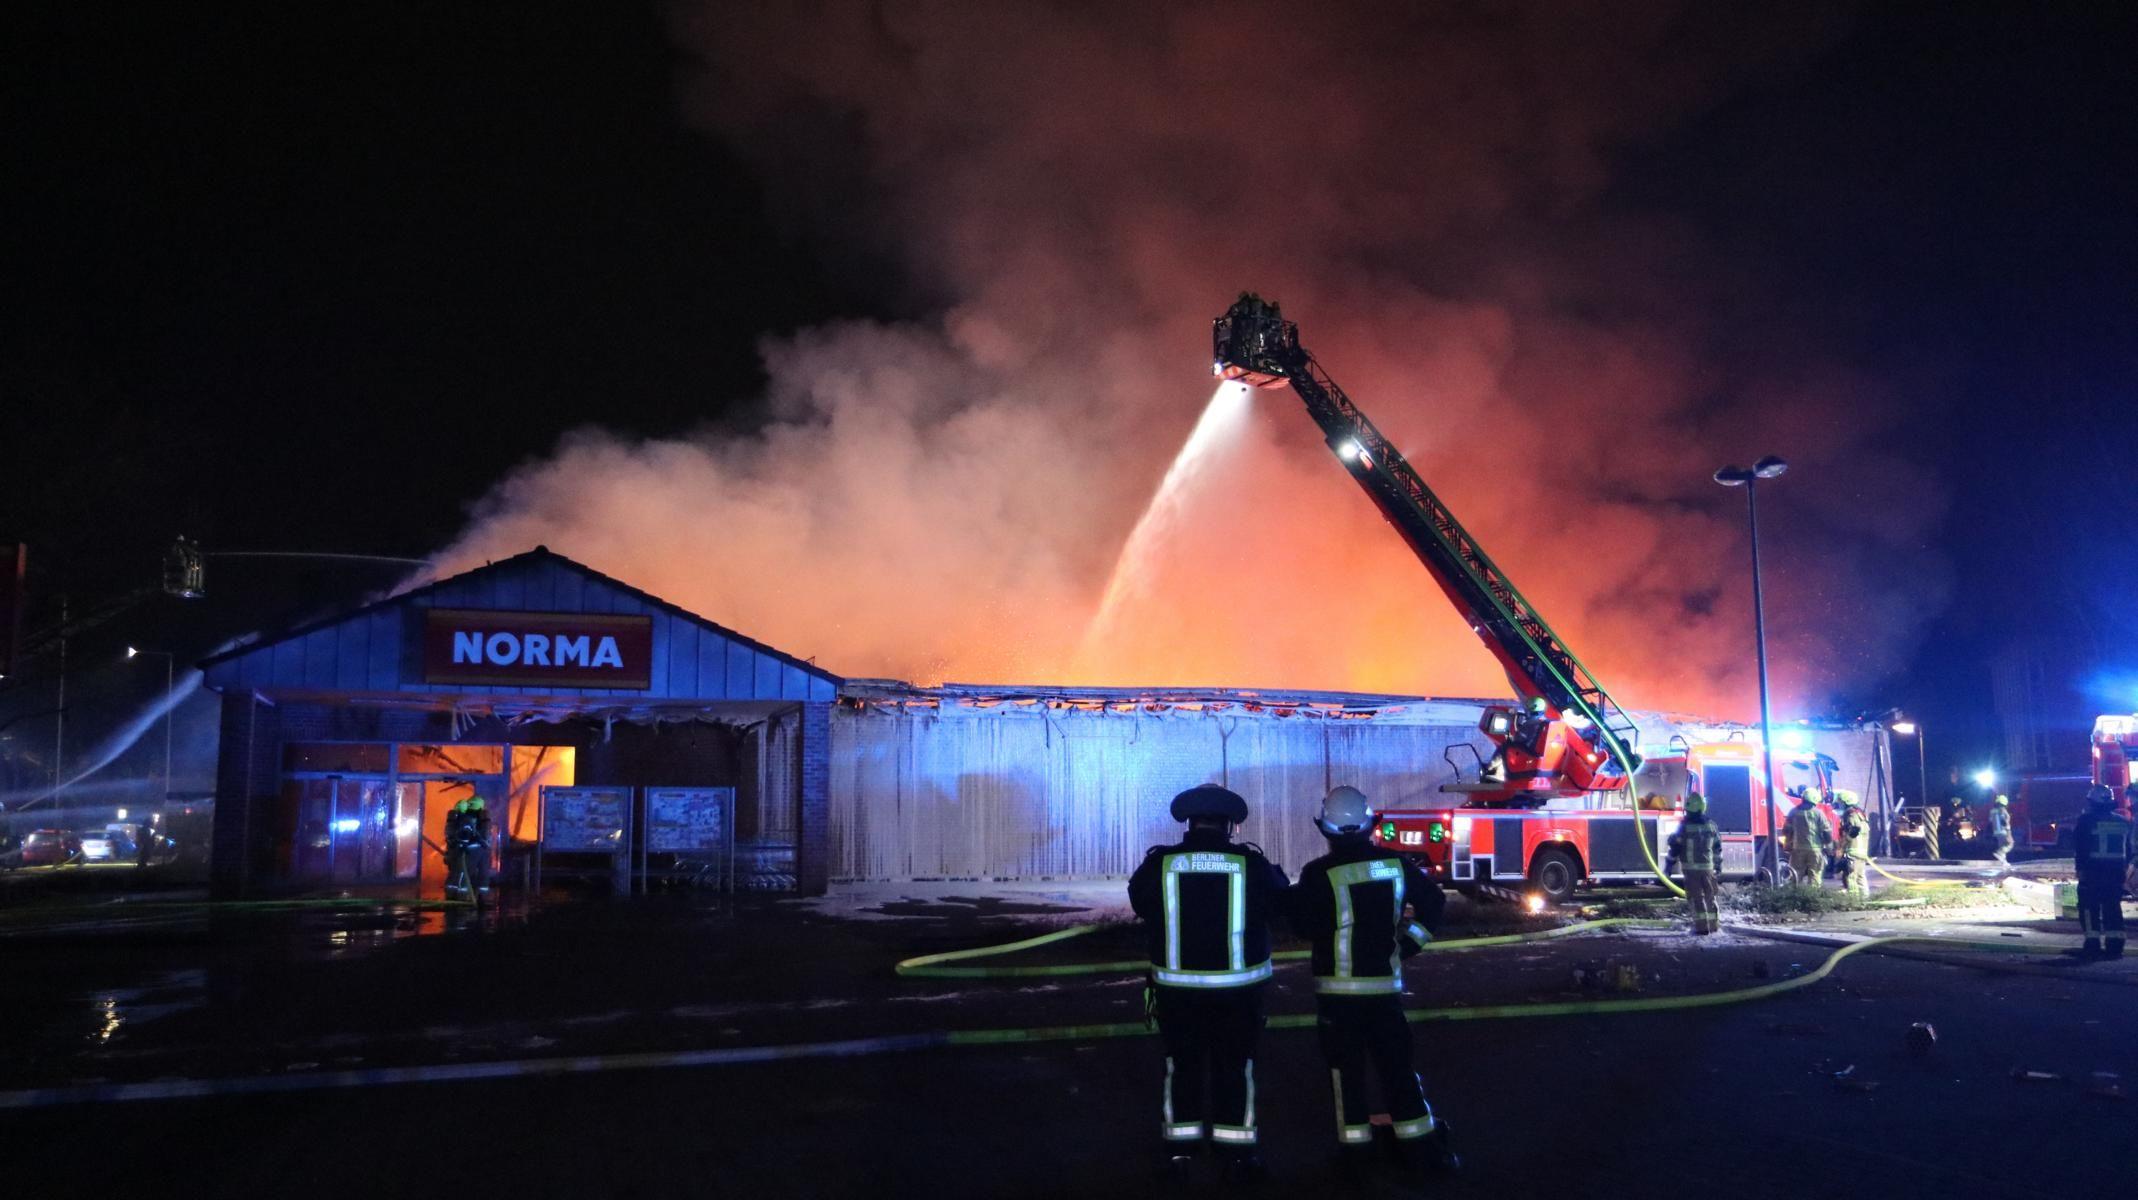 Supermarket v plamenech – také to je výsledek berlínských silvestrovských radovánek